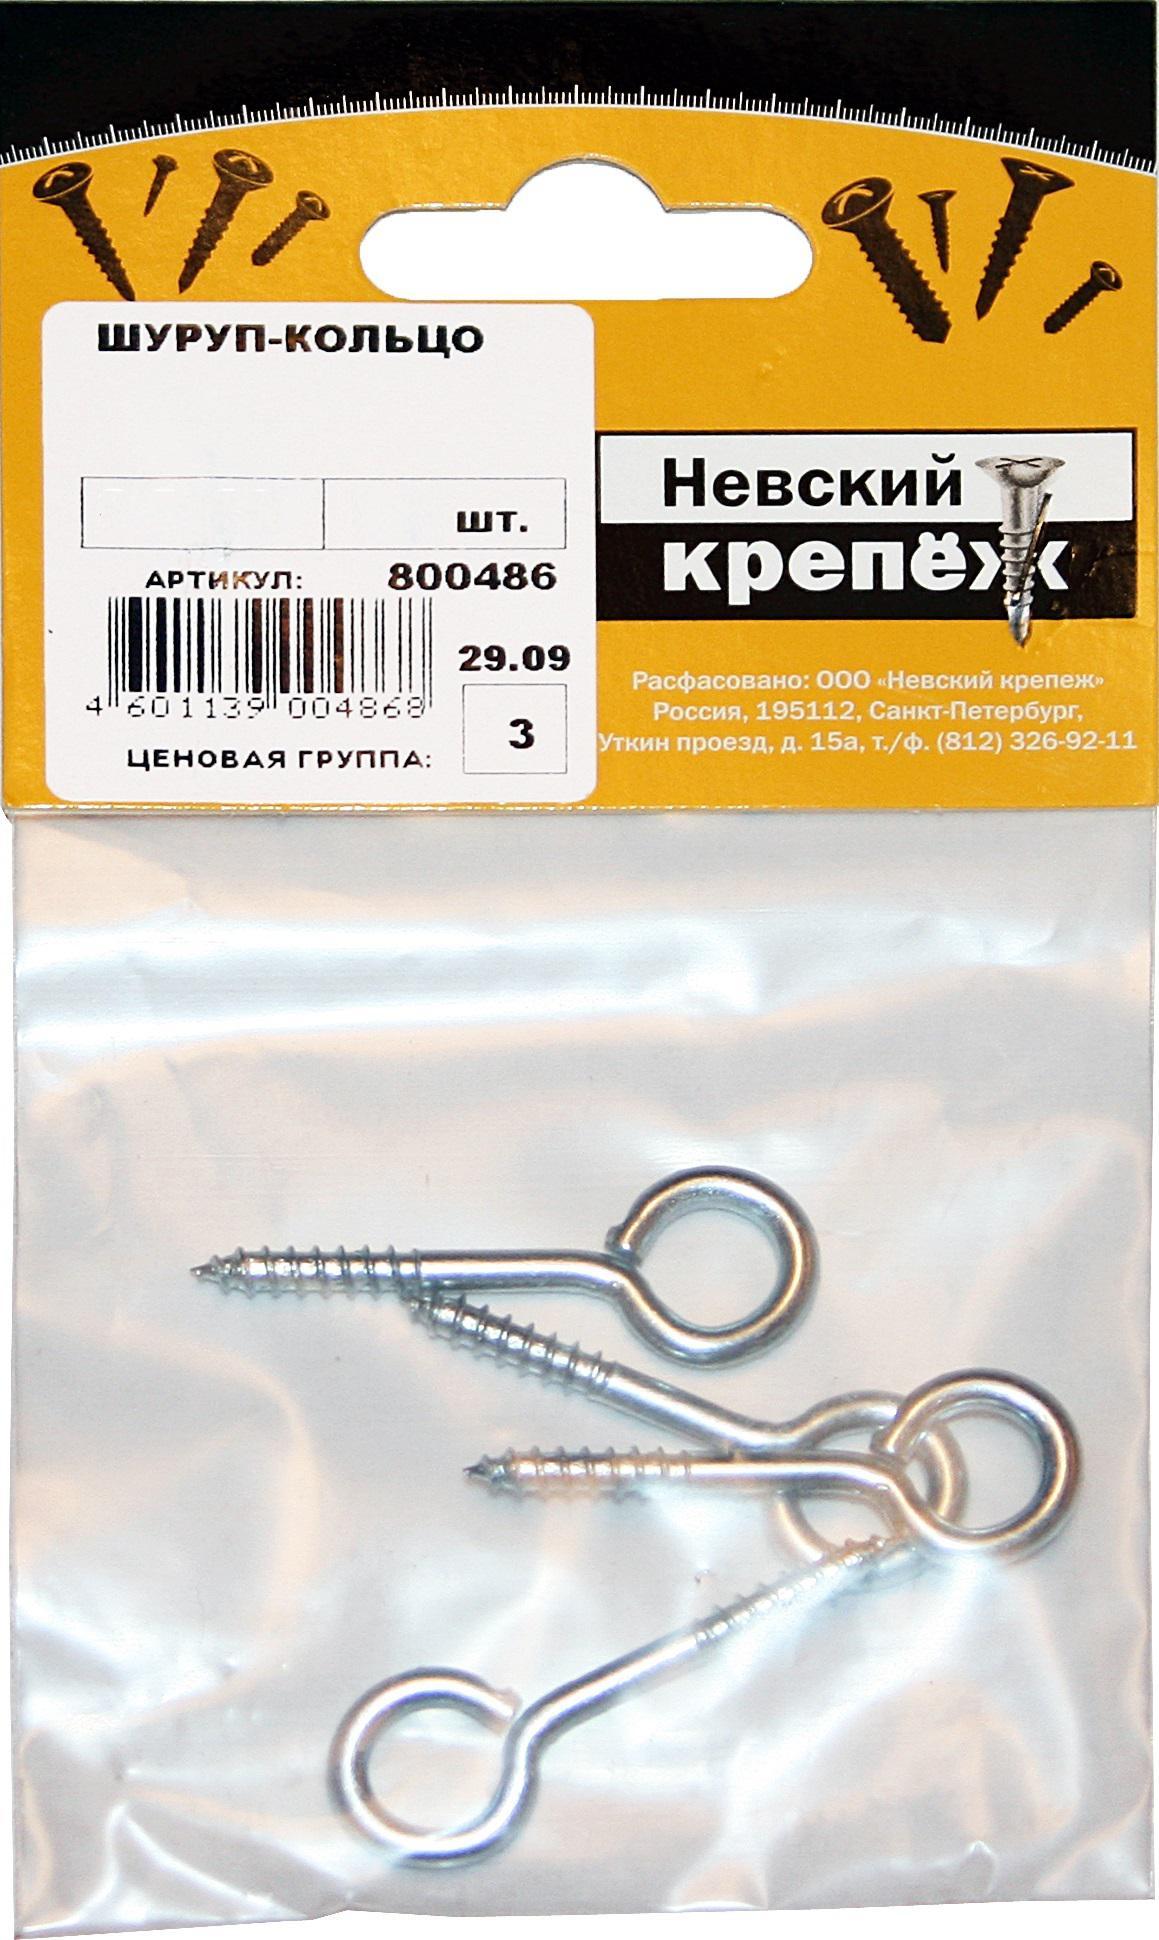 Шуруп-кольцо НЕВСКИЙ КРЕПЕЖ 800488 шуруп 3х16 ун ж пасс 30шт